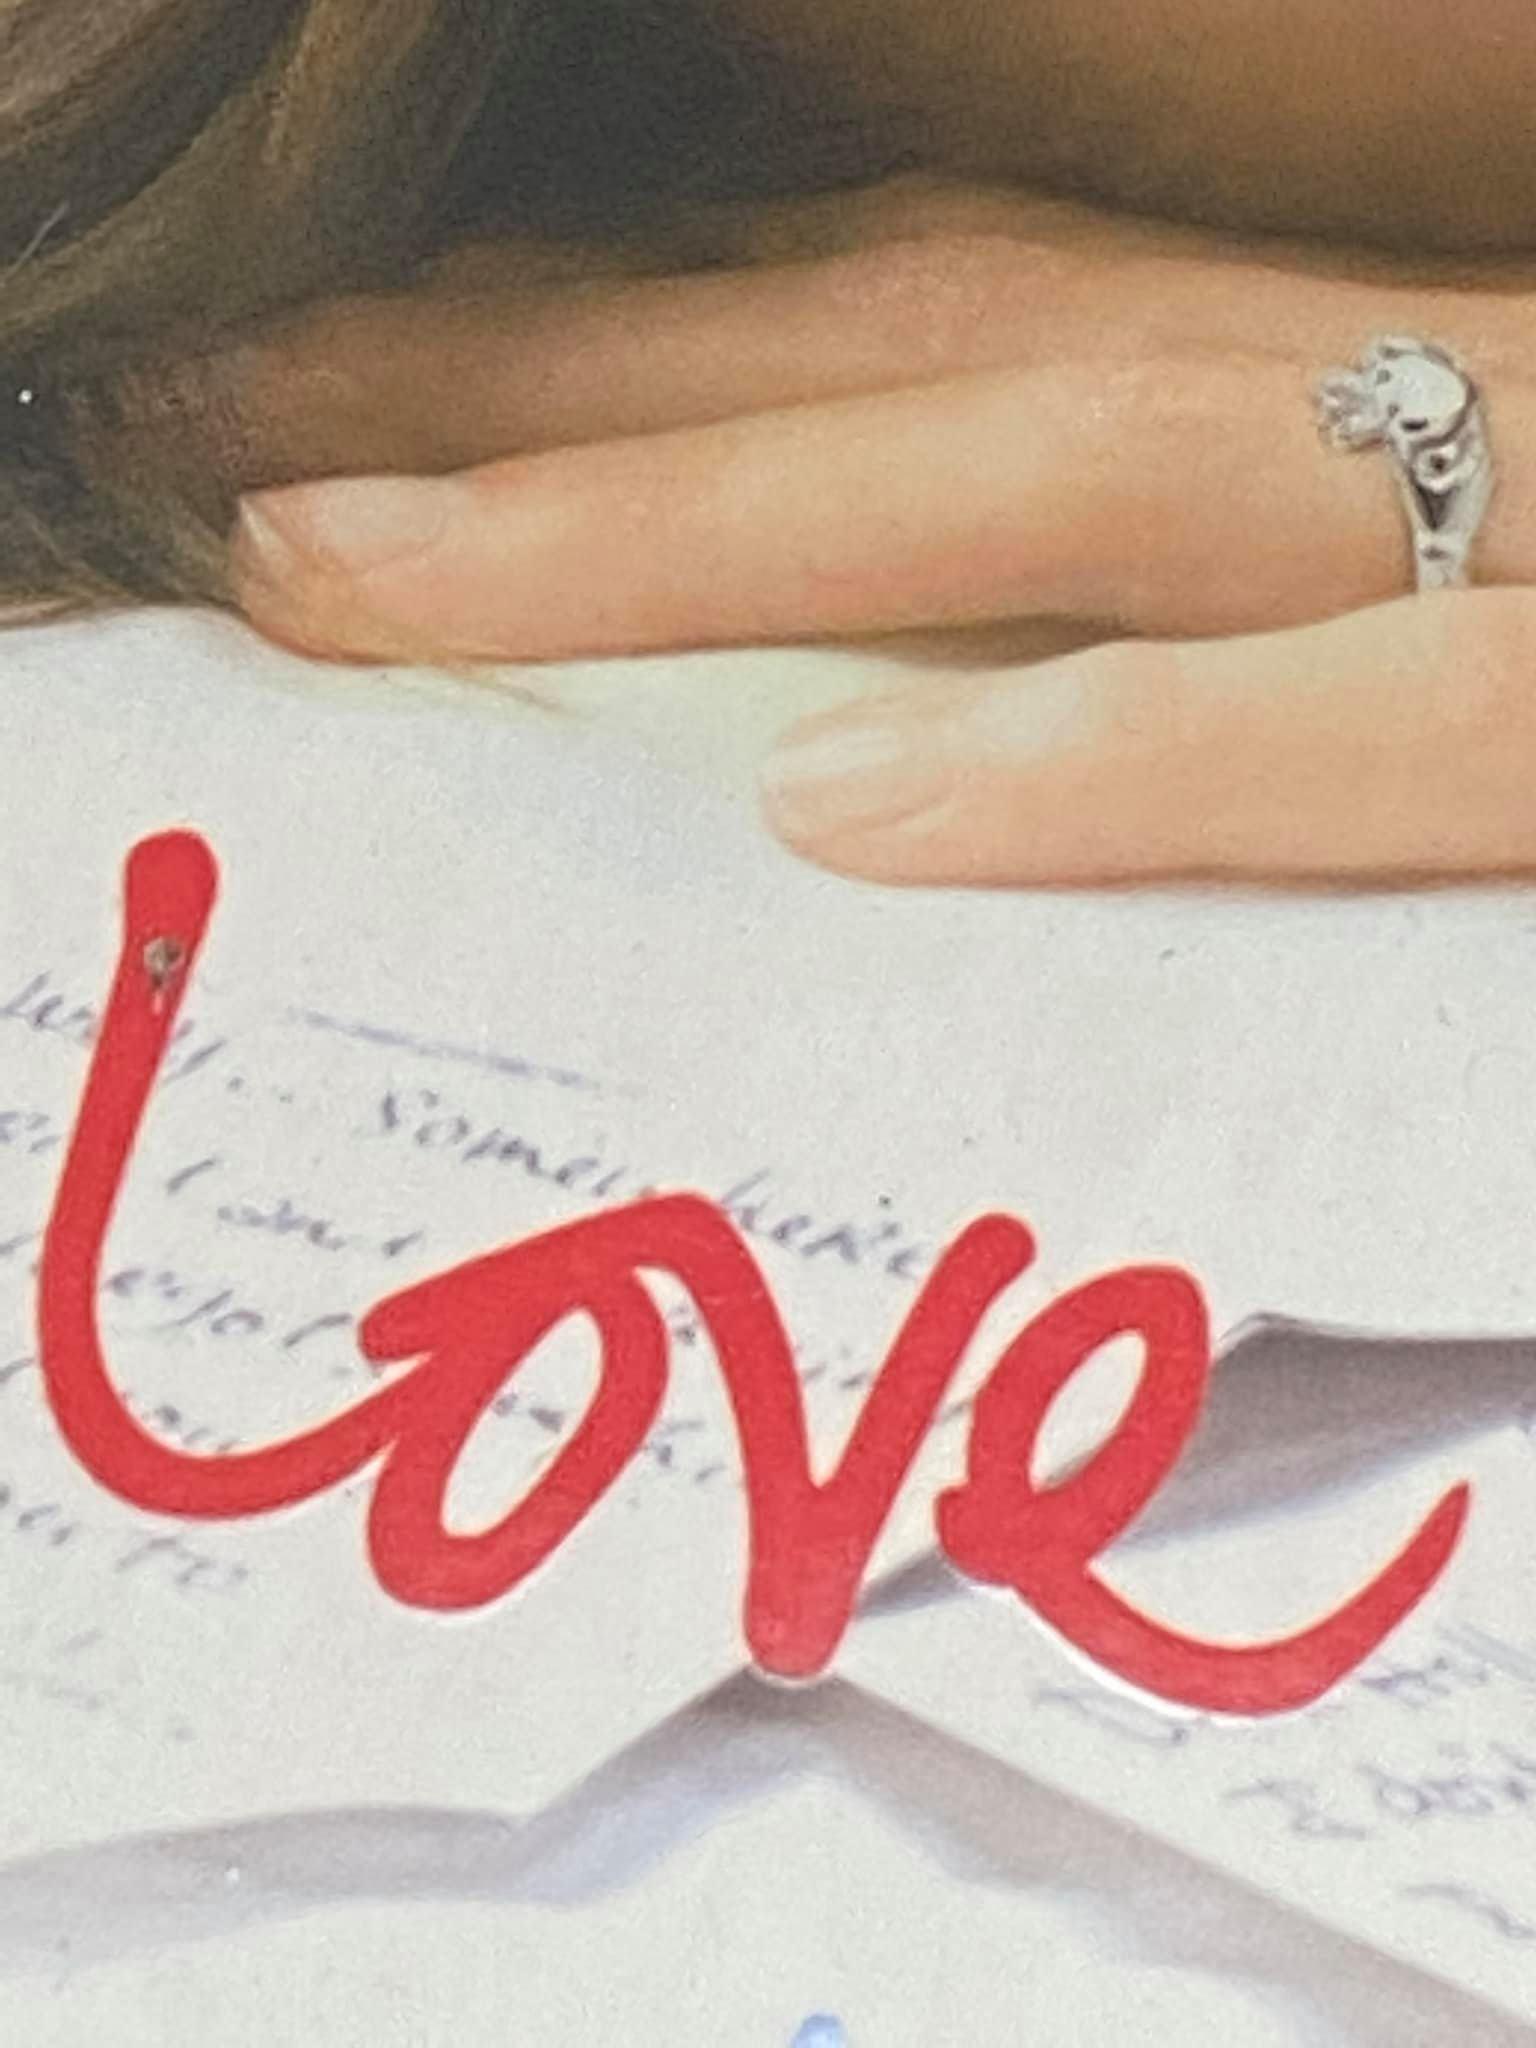 Thiều Bảo Trâm đăng một lèo 43 tấm ảnh Love ngay sau khi Sơn Tùng vừa thổ lộ yêu vào khổ lắm - Ảnh 4.